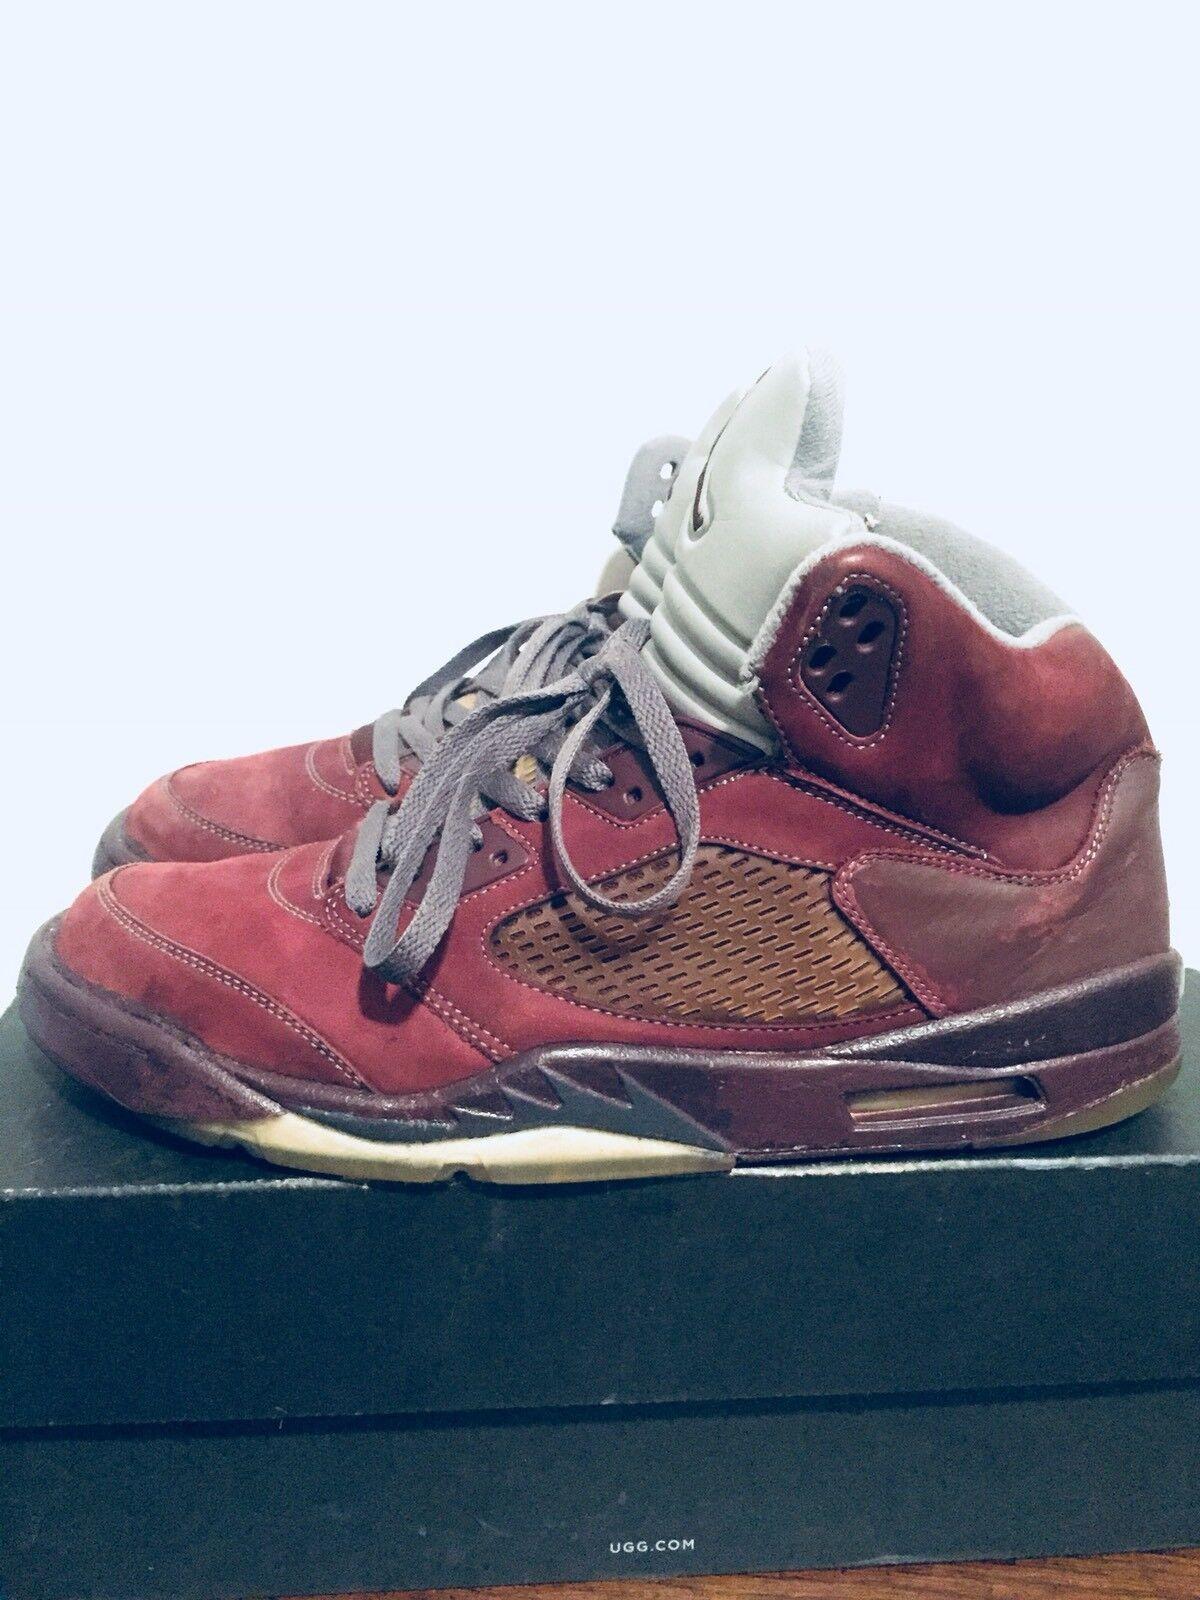 2006 Mens Nike Air Jordan V 5 Burgundy Graphite Silver Size 13 Used Rare OG